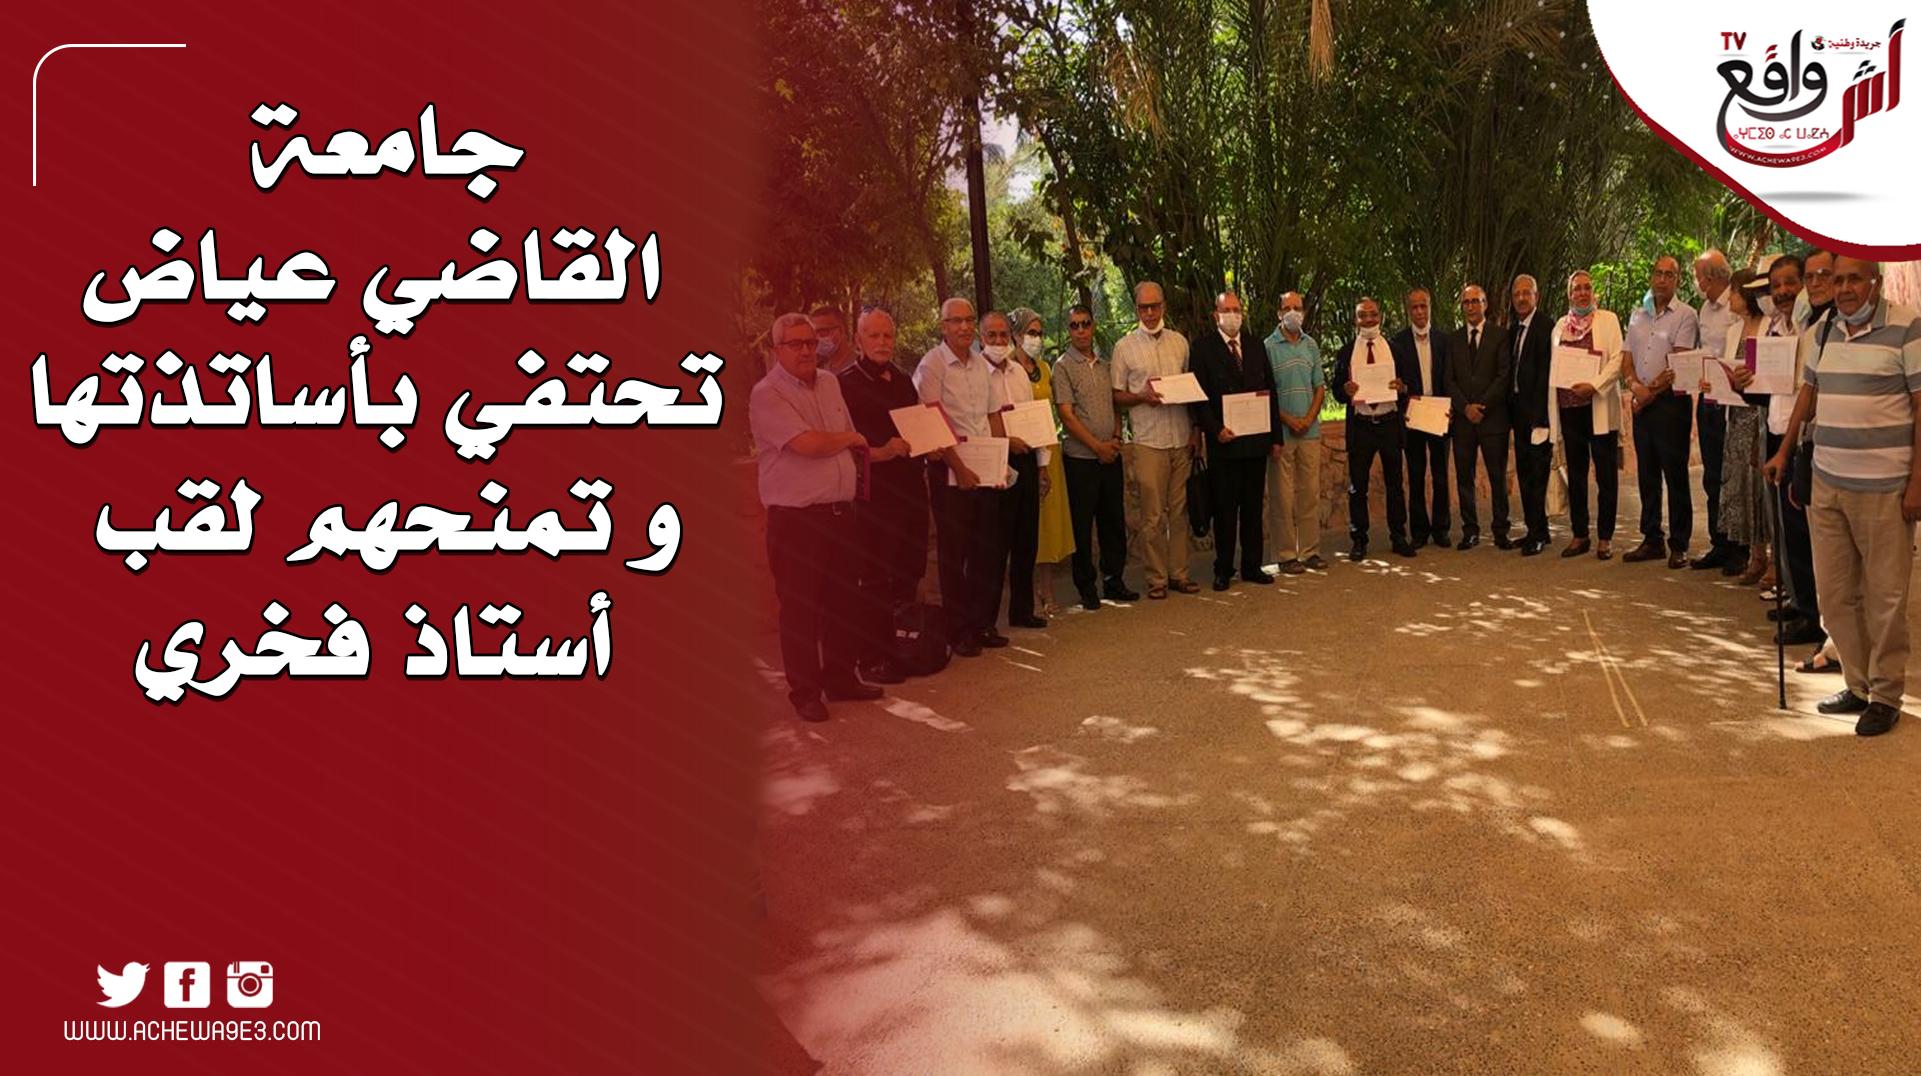 إحتفاء جامعة القاضي عياض بأساتذتها و تمنحهم لقب أستاذ فخري